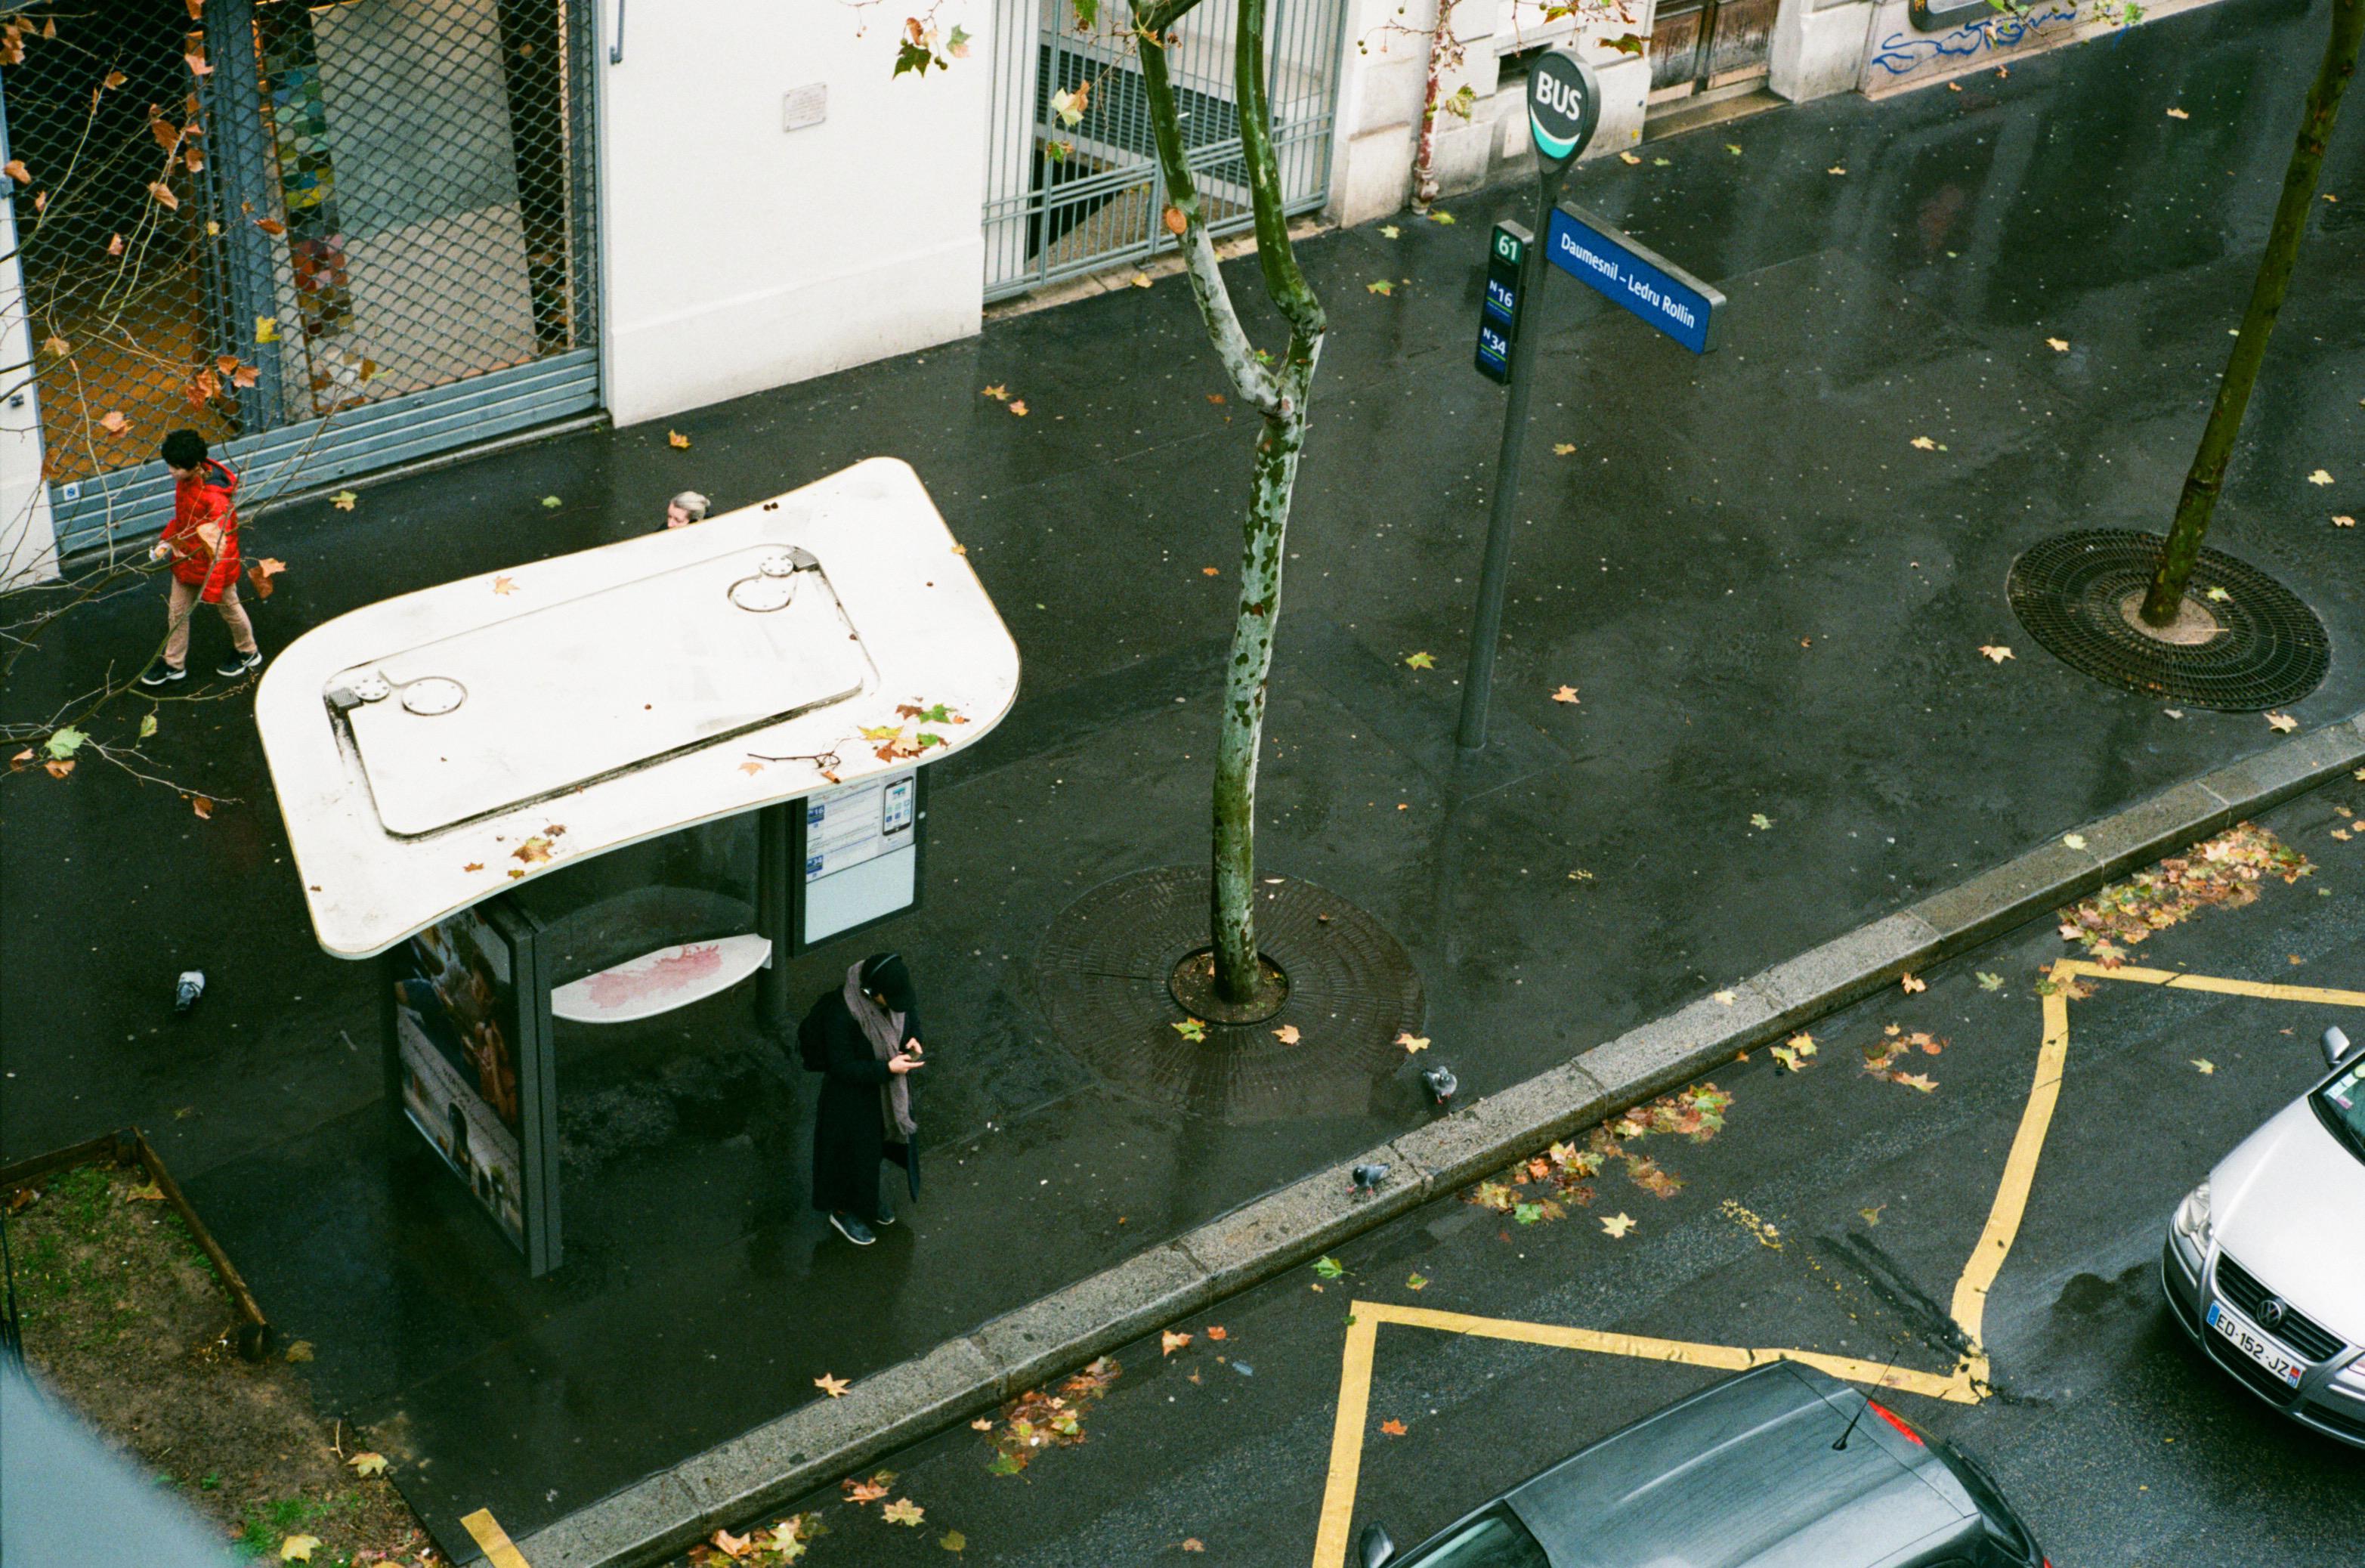 Bus stop Daumesnil - Ledru Rollin Paris